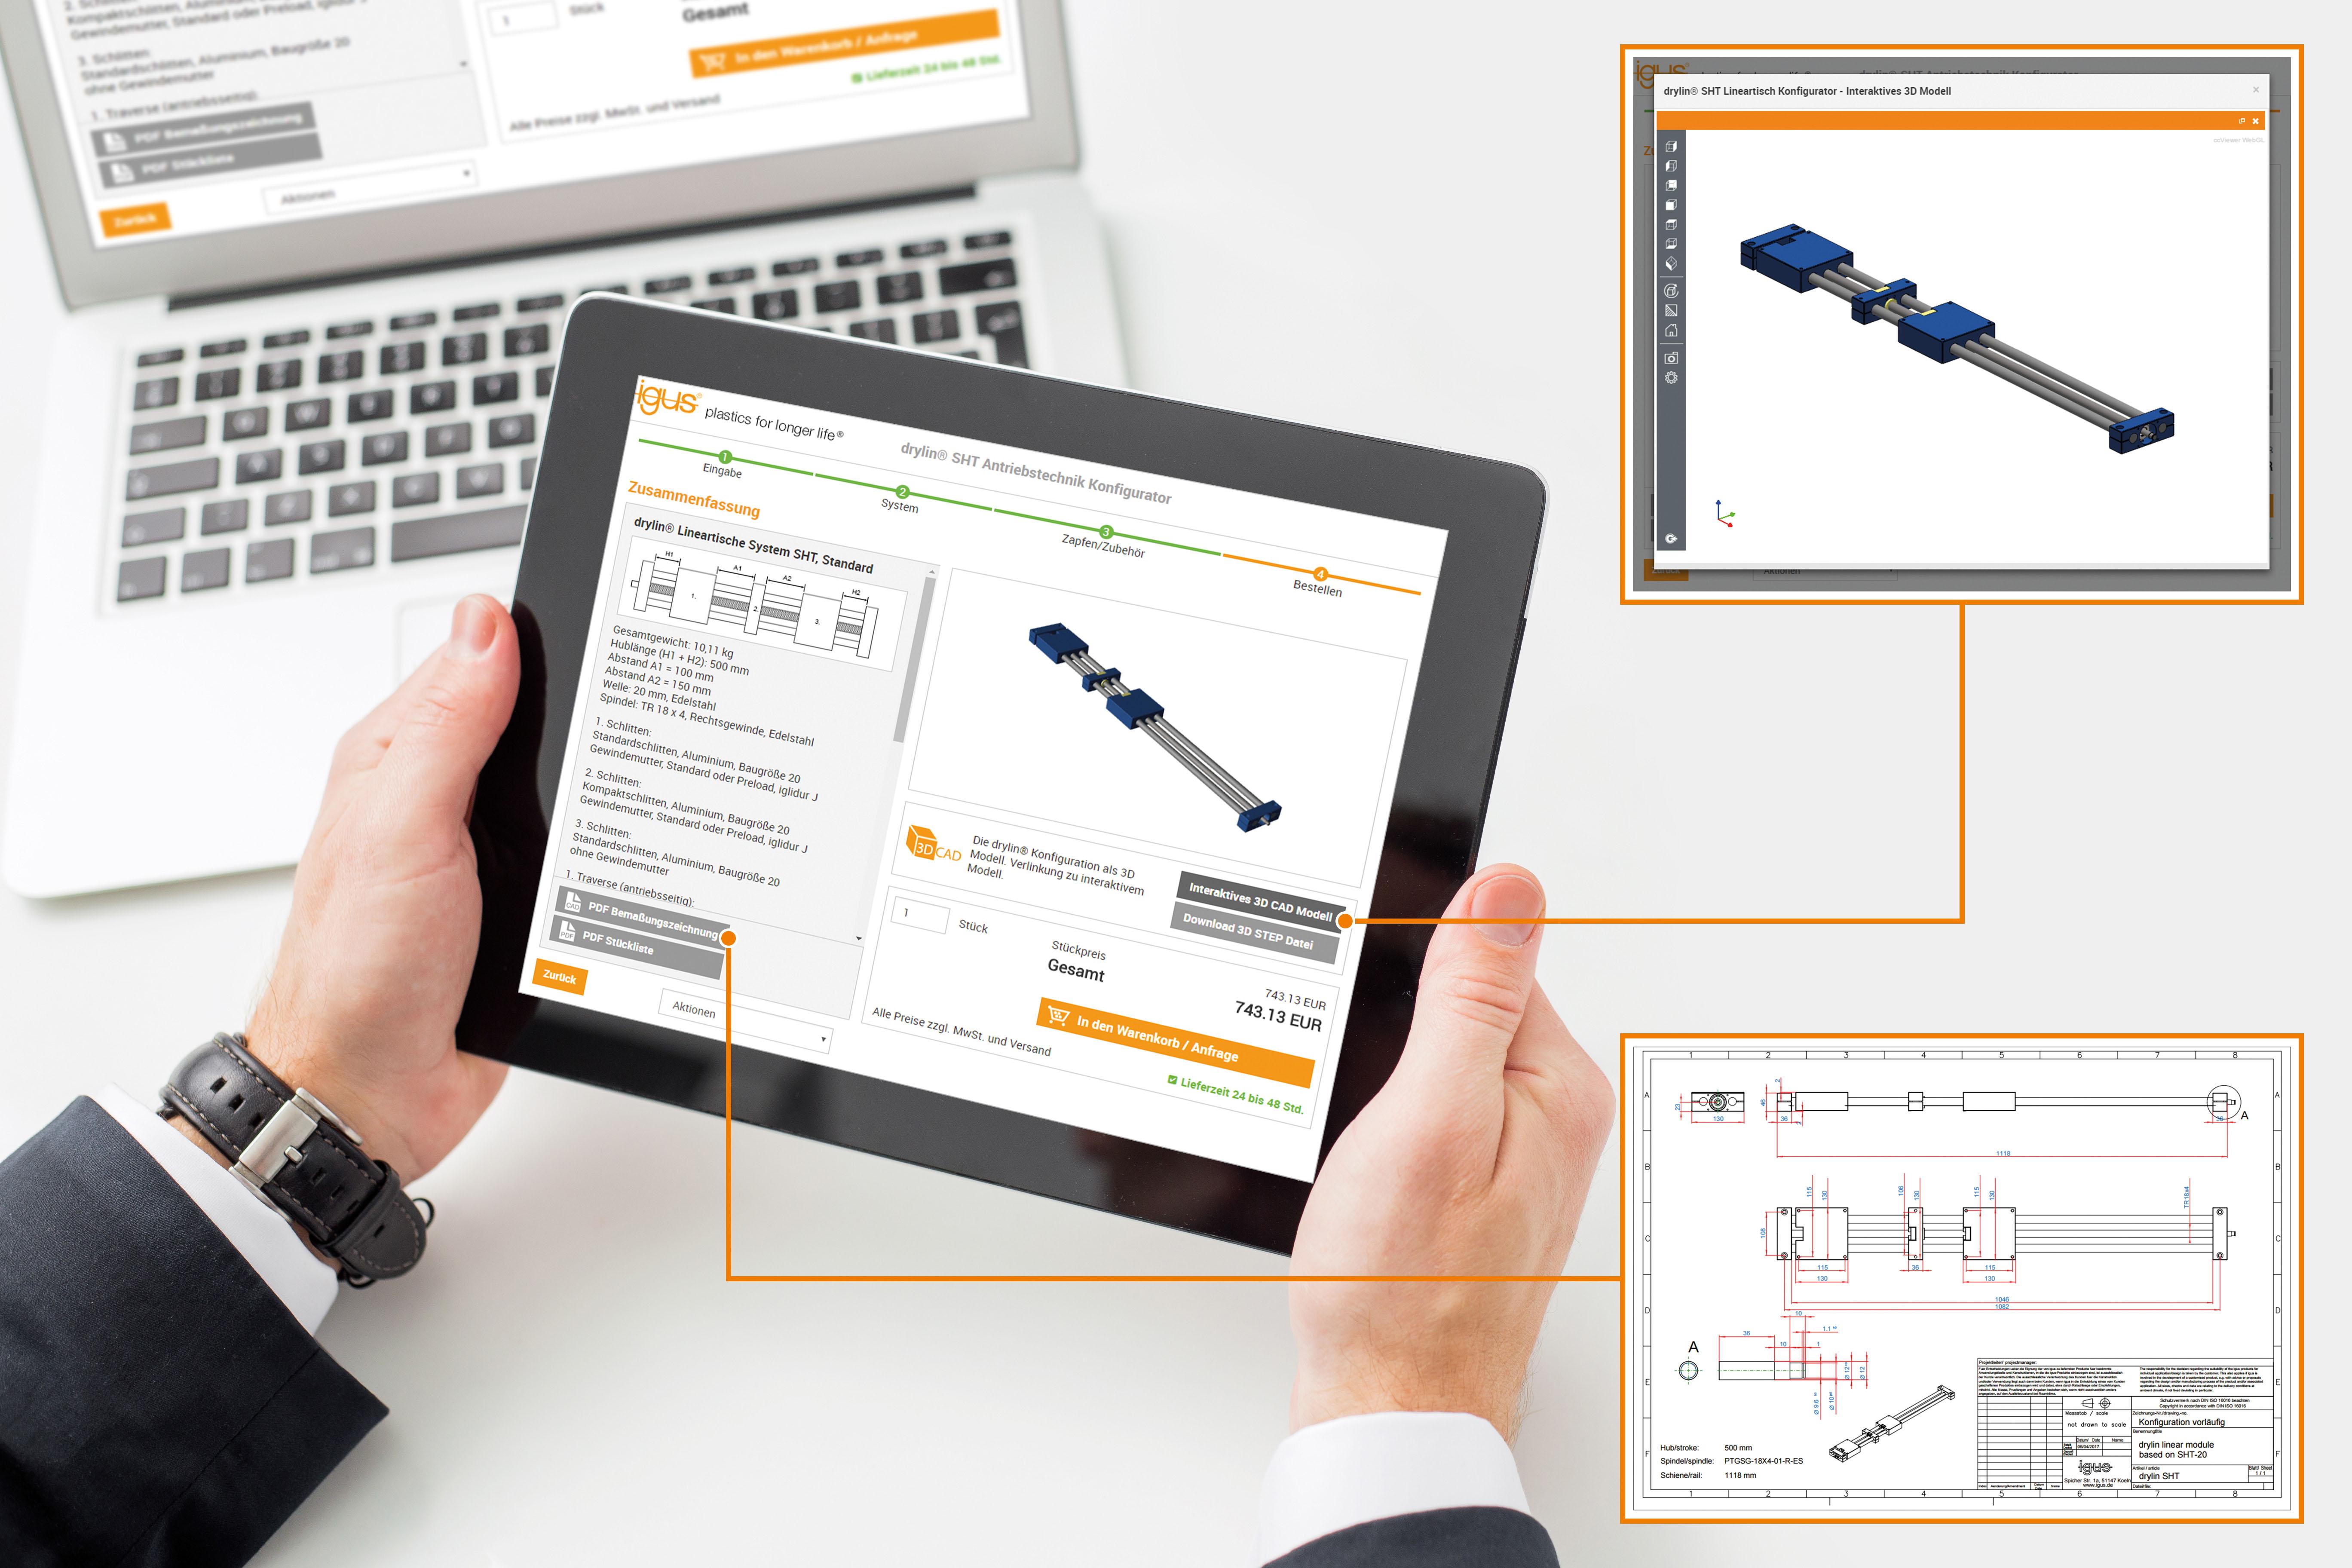 Mit dem neuen drylin SHT Konfigurator konfigurieren Kunden online ihren individuellen Lineartisch in nur wenigen Schritten und erhalten unter anderem eine 3D-Ansicht, ein bemaßte technische PDF-Zeichnung sowie ein 3D-CAD-Modell.